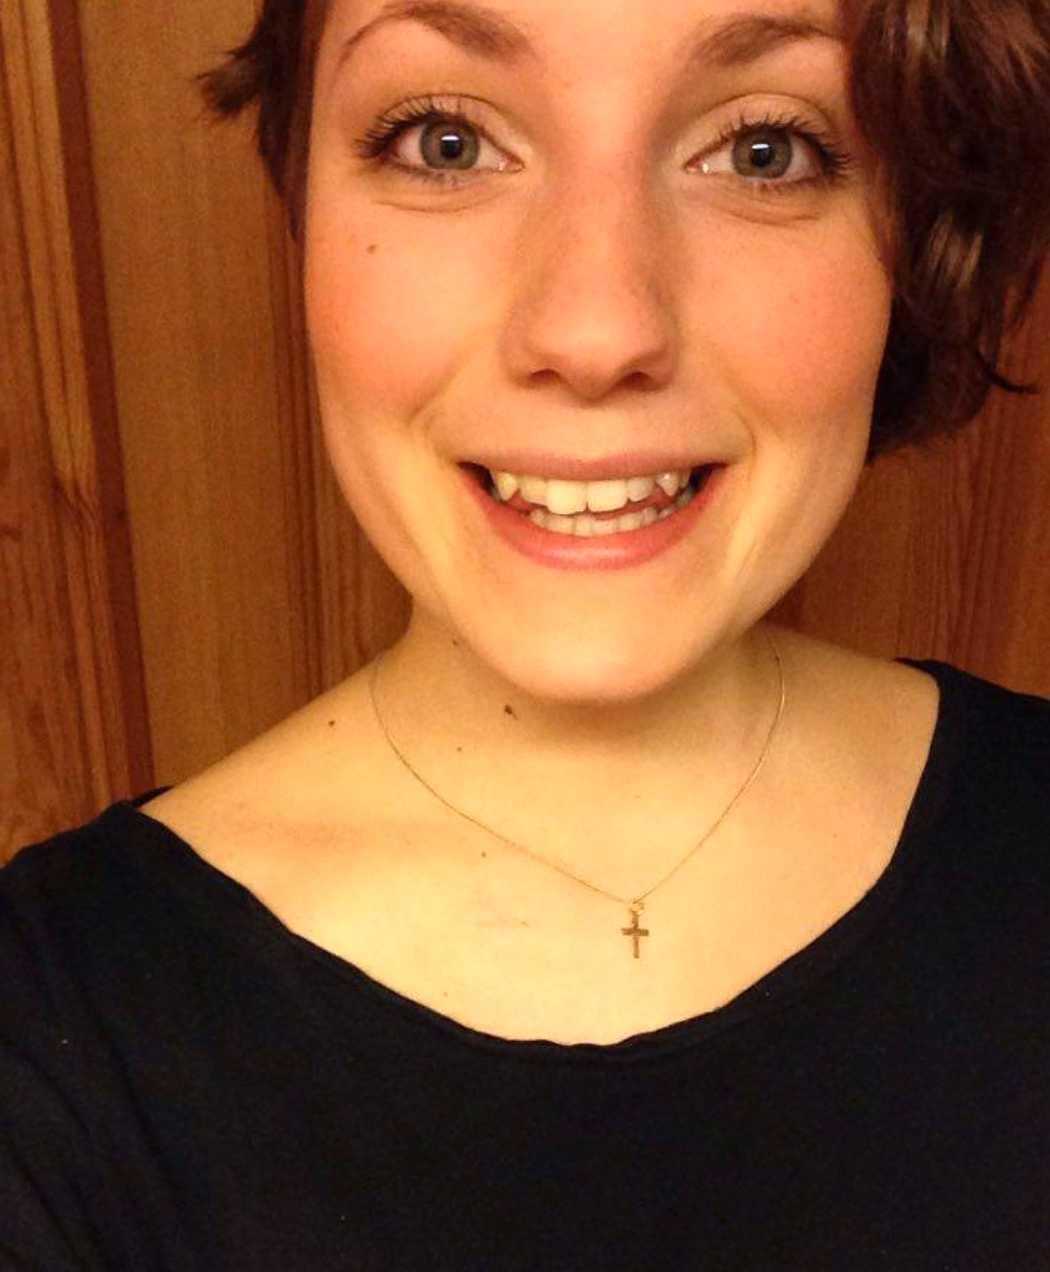 Sofia, 24, efterlyser nu kvinnan som bär hennes fars namn.